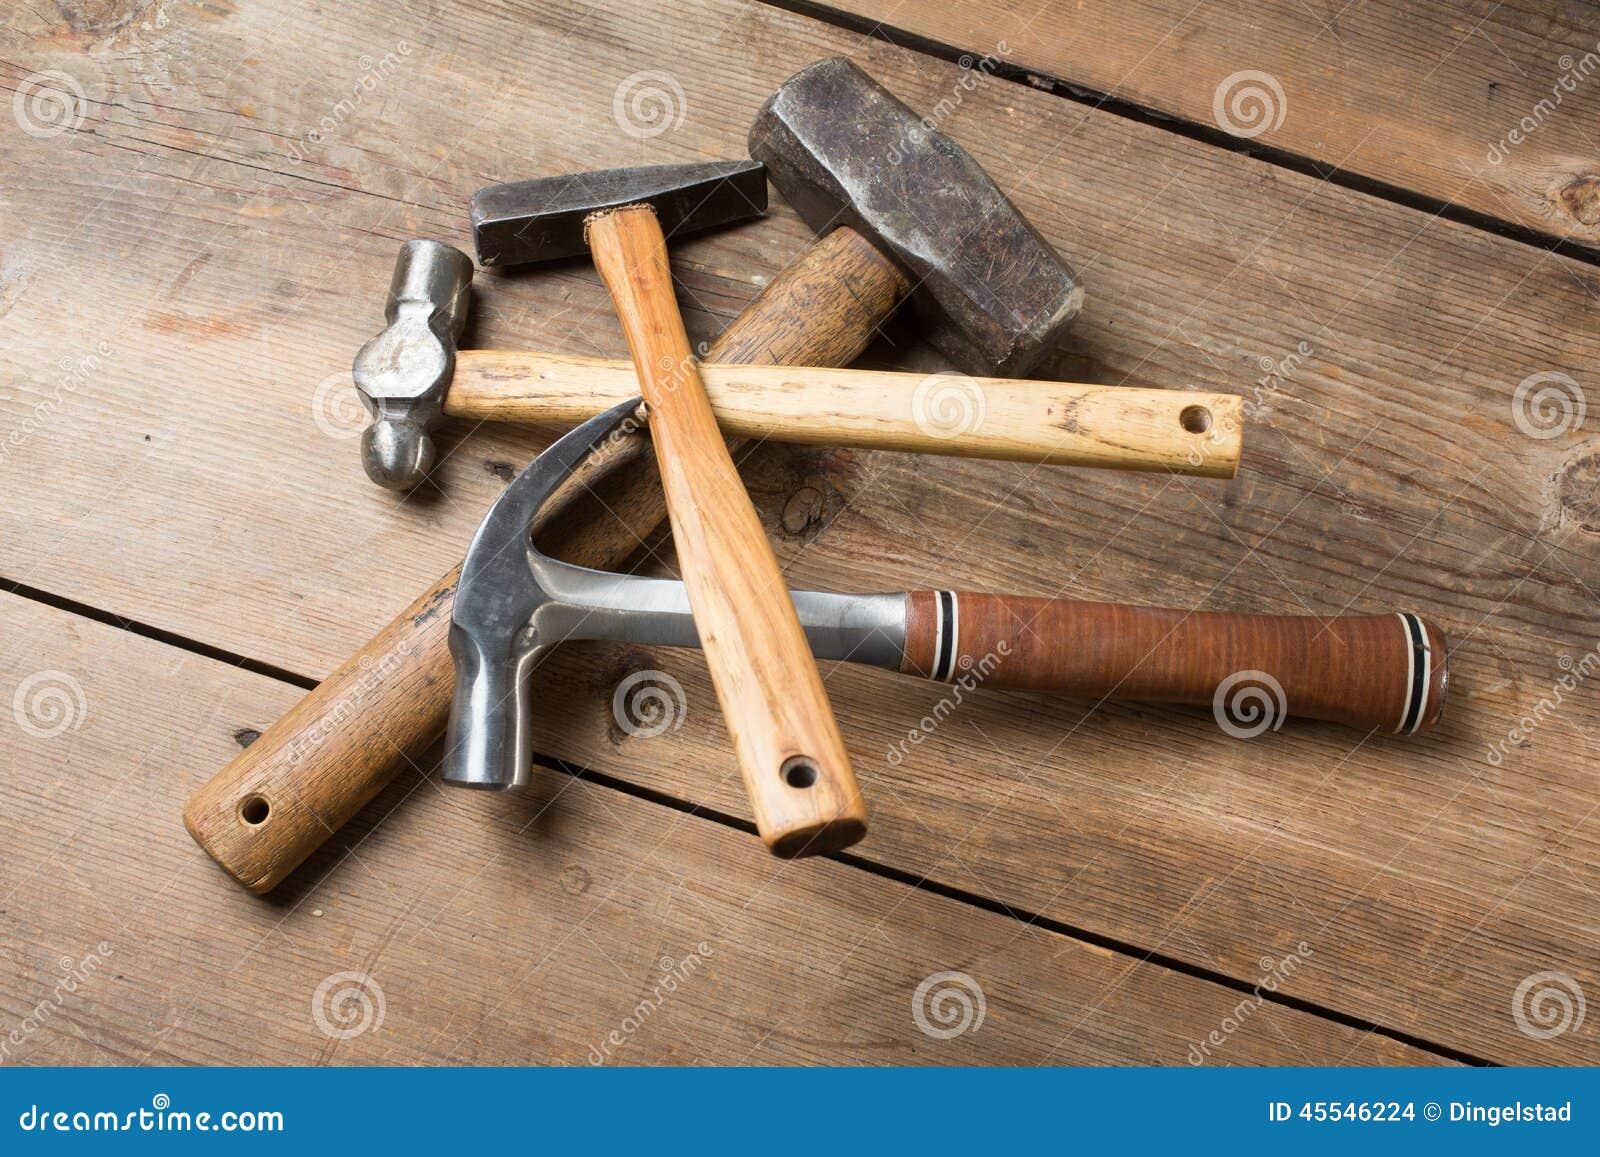 Carpentry top majors